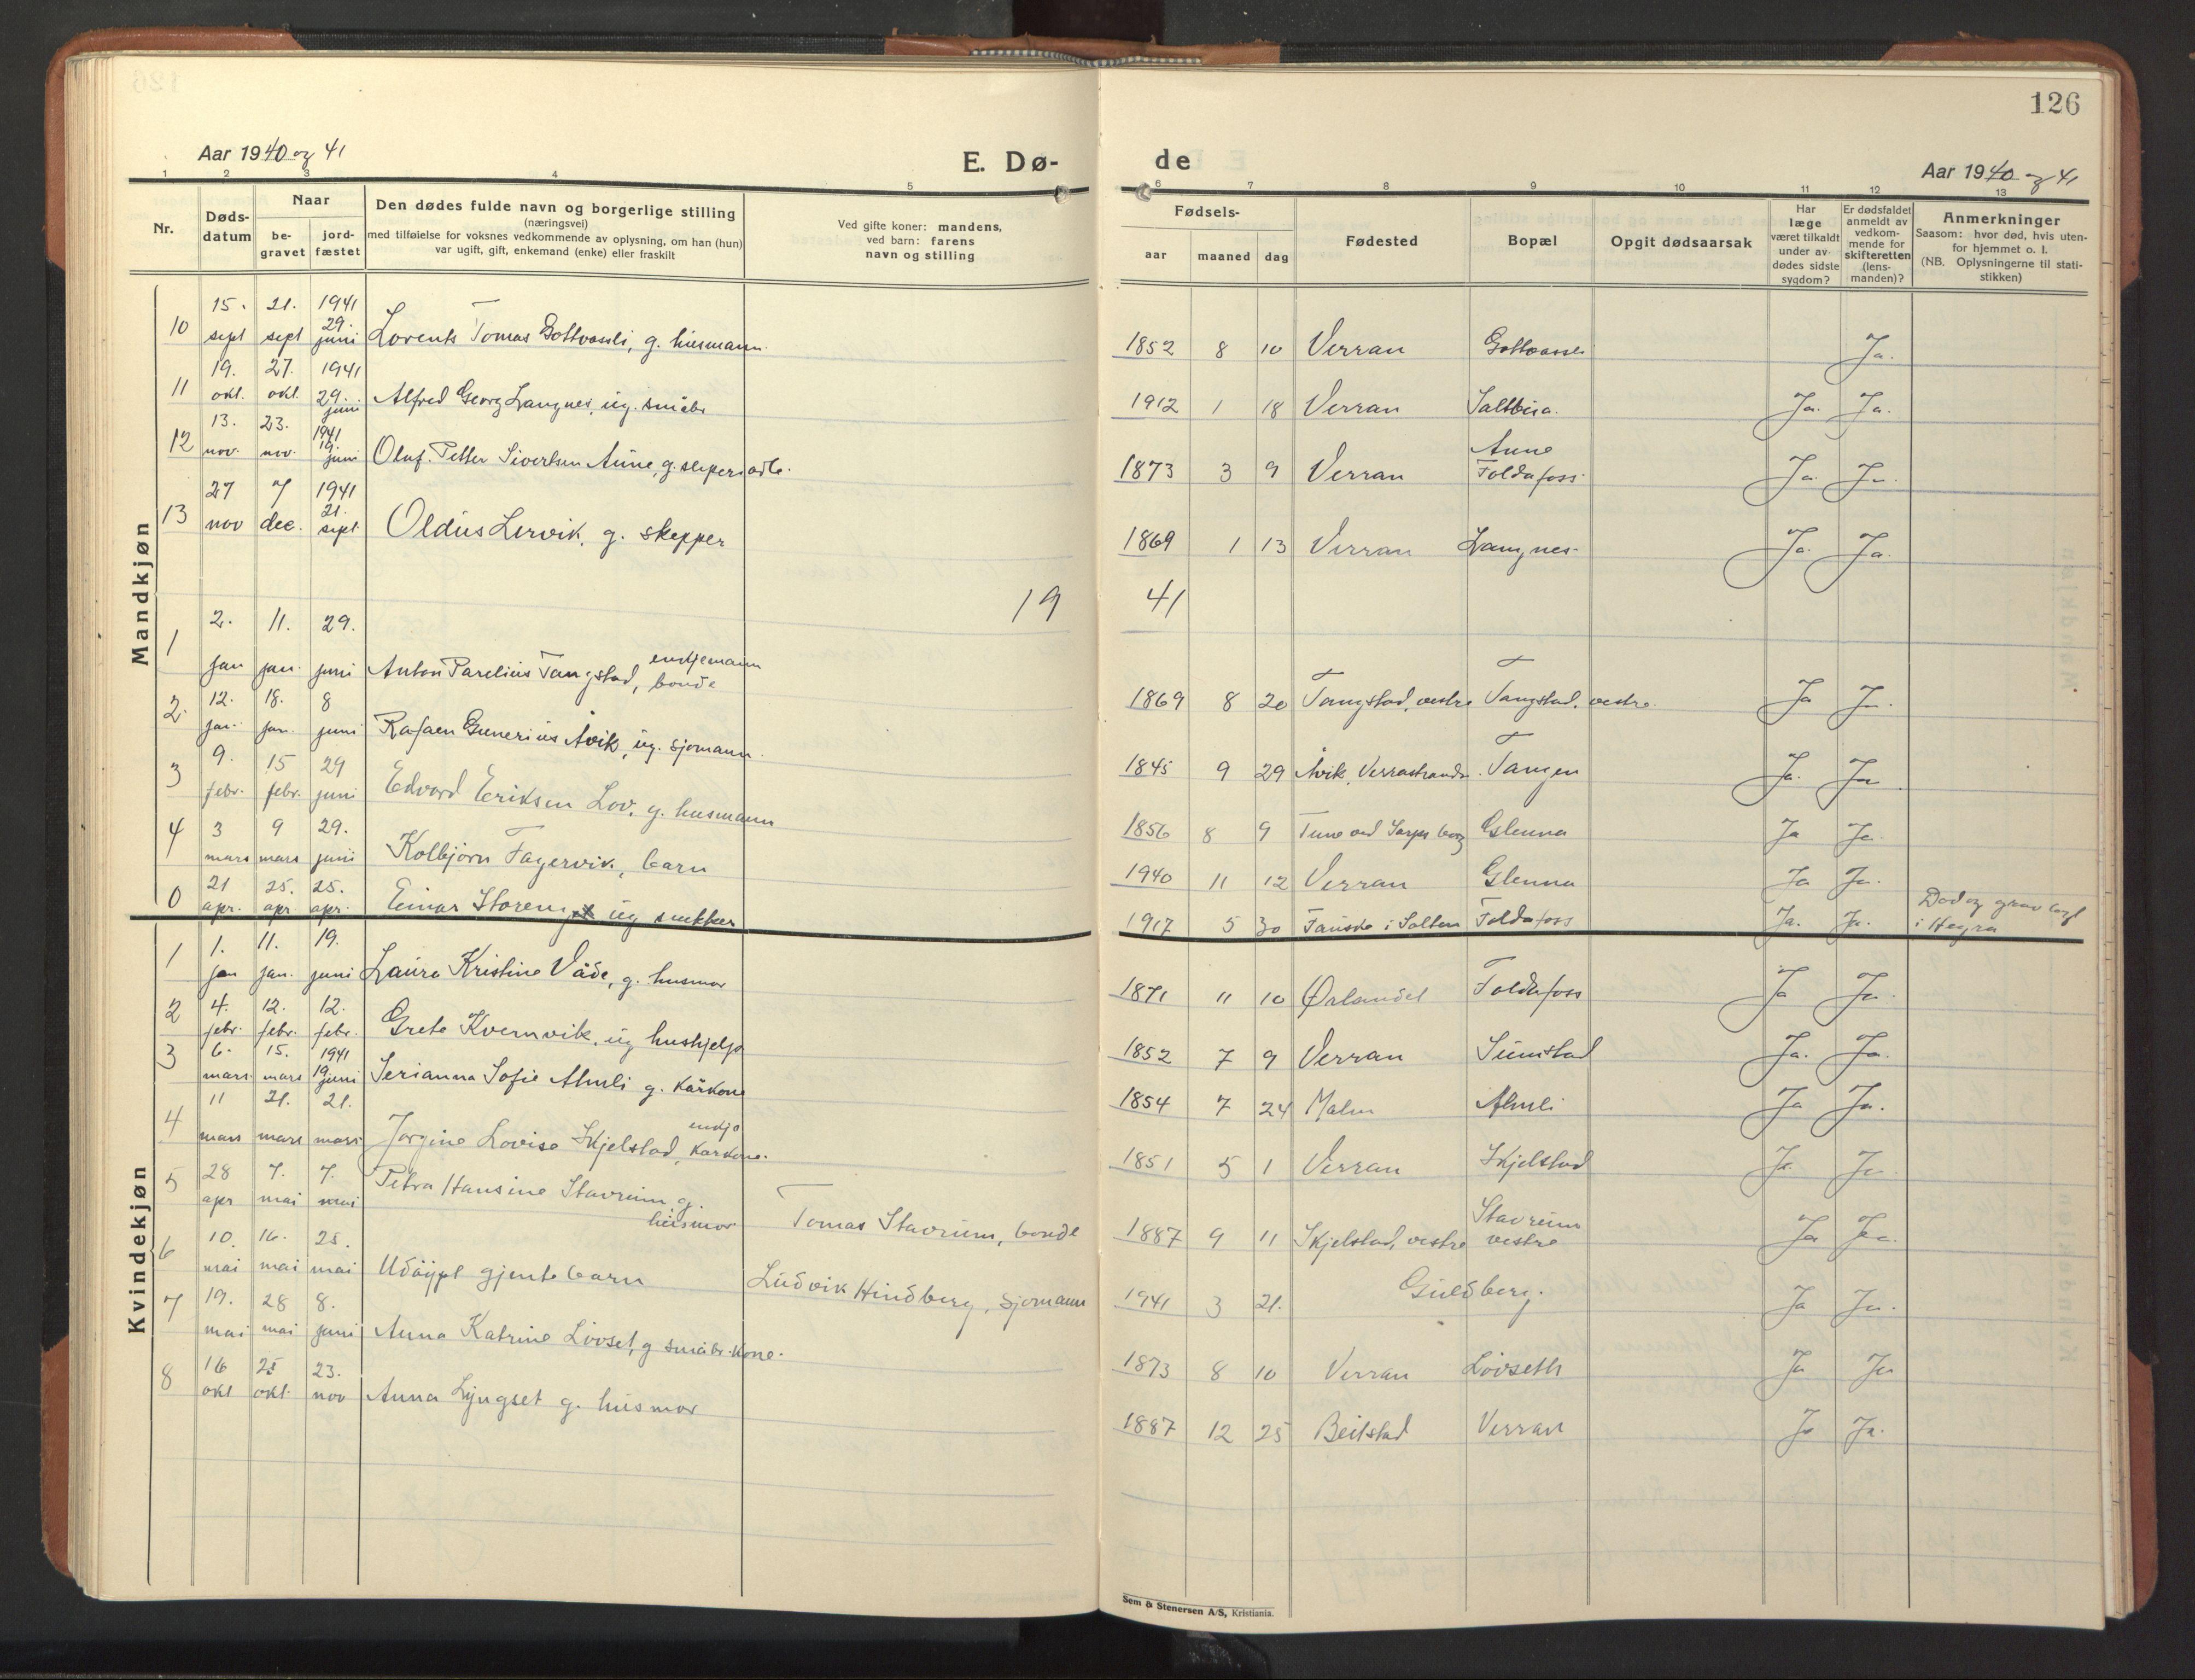 SAT, Ministerialprotokoller, klokkerbøker og fødselsregistre - Nord-Trøndelag, 744/L0425: Klokkerbok nr. 744C04, 1924-1947, s. 126